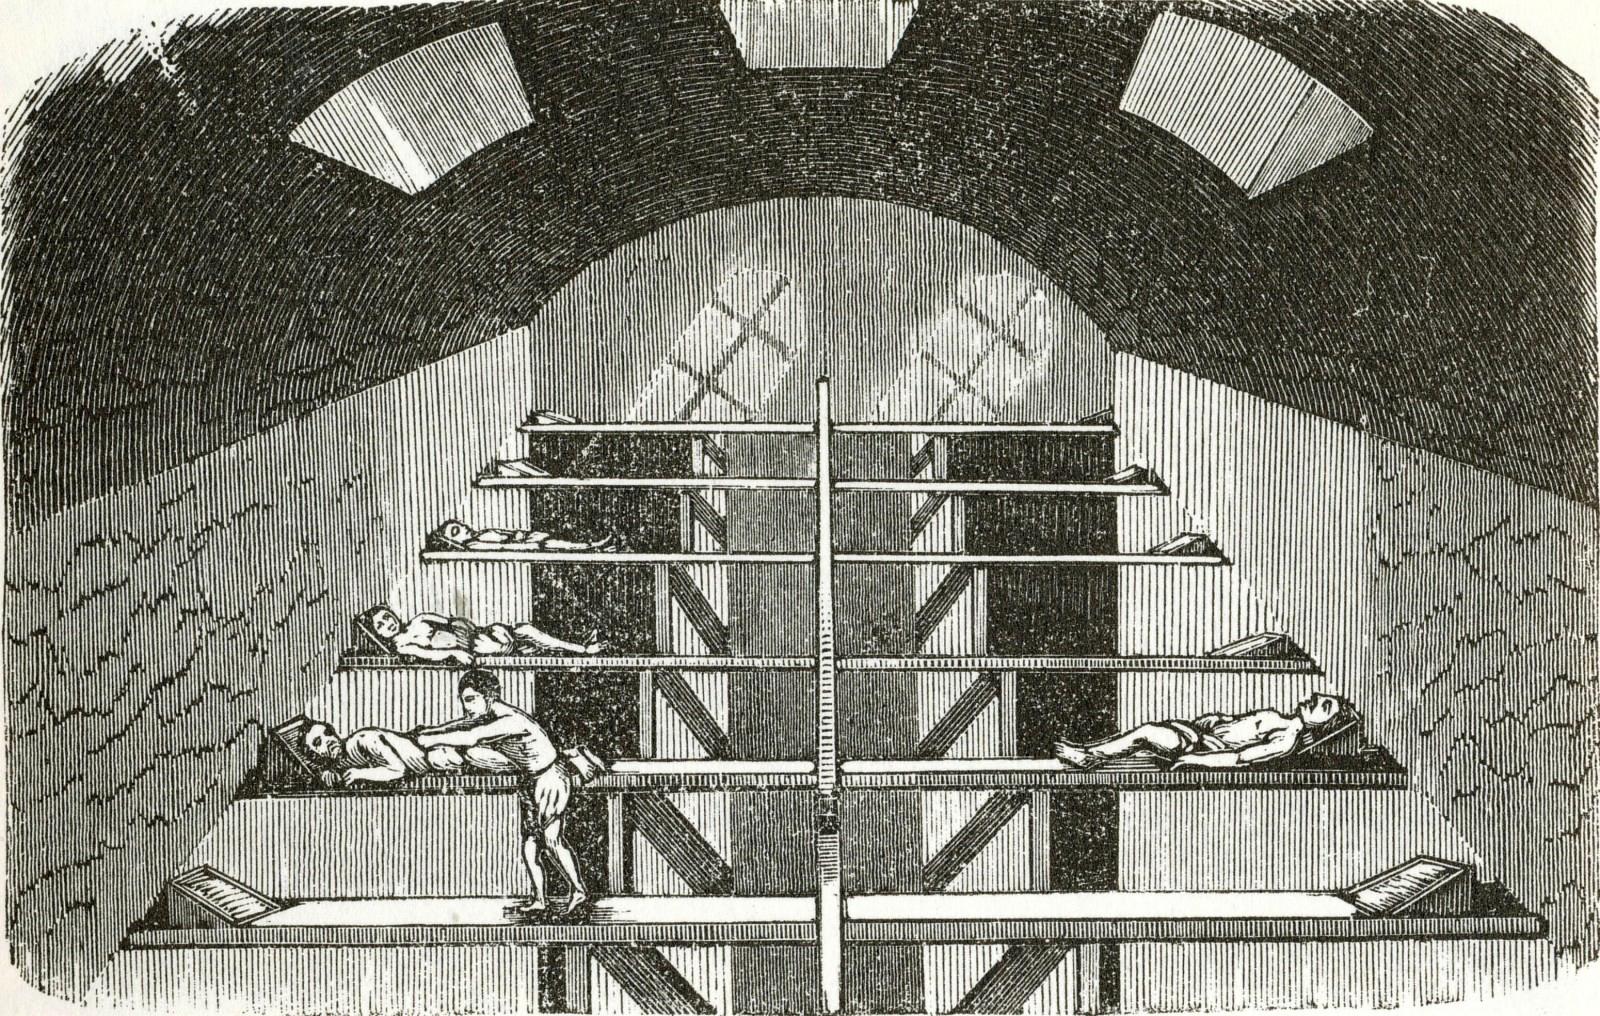 A férfi izzasztóterem fekvőpadjai. (Forrás: Kubinyi Ferenc - Vahot Imre: Magyarország és Erdély képekben, Pest, 1853.)